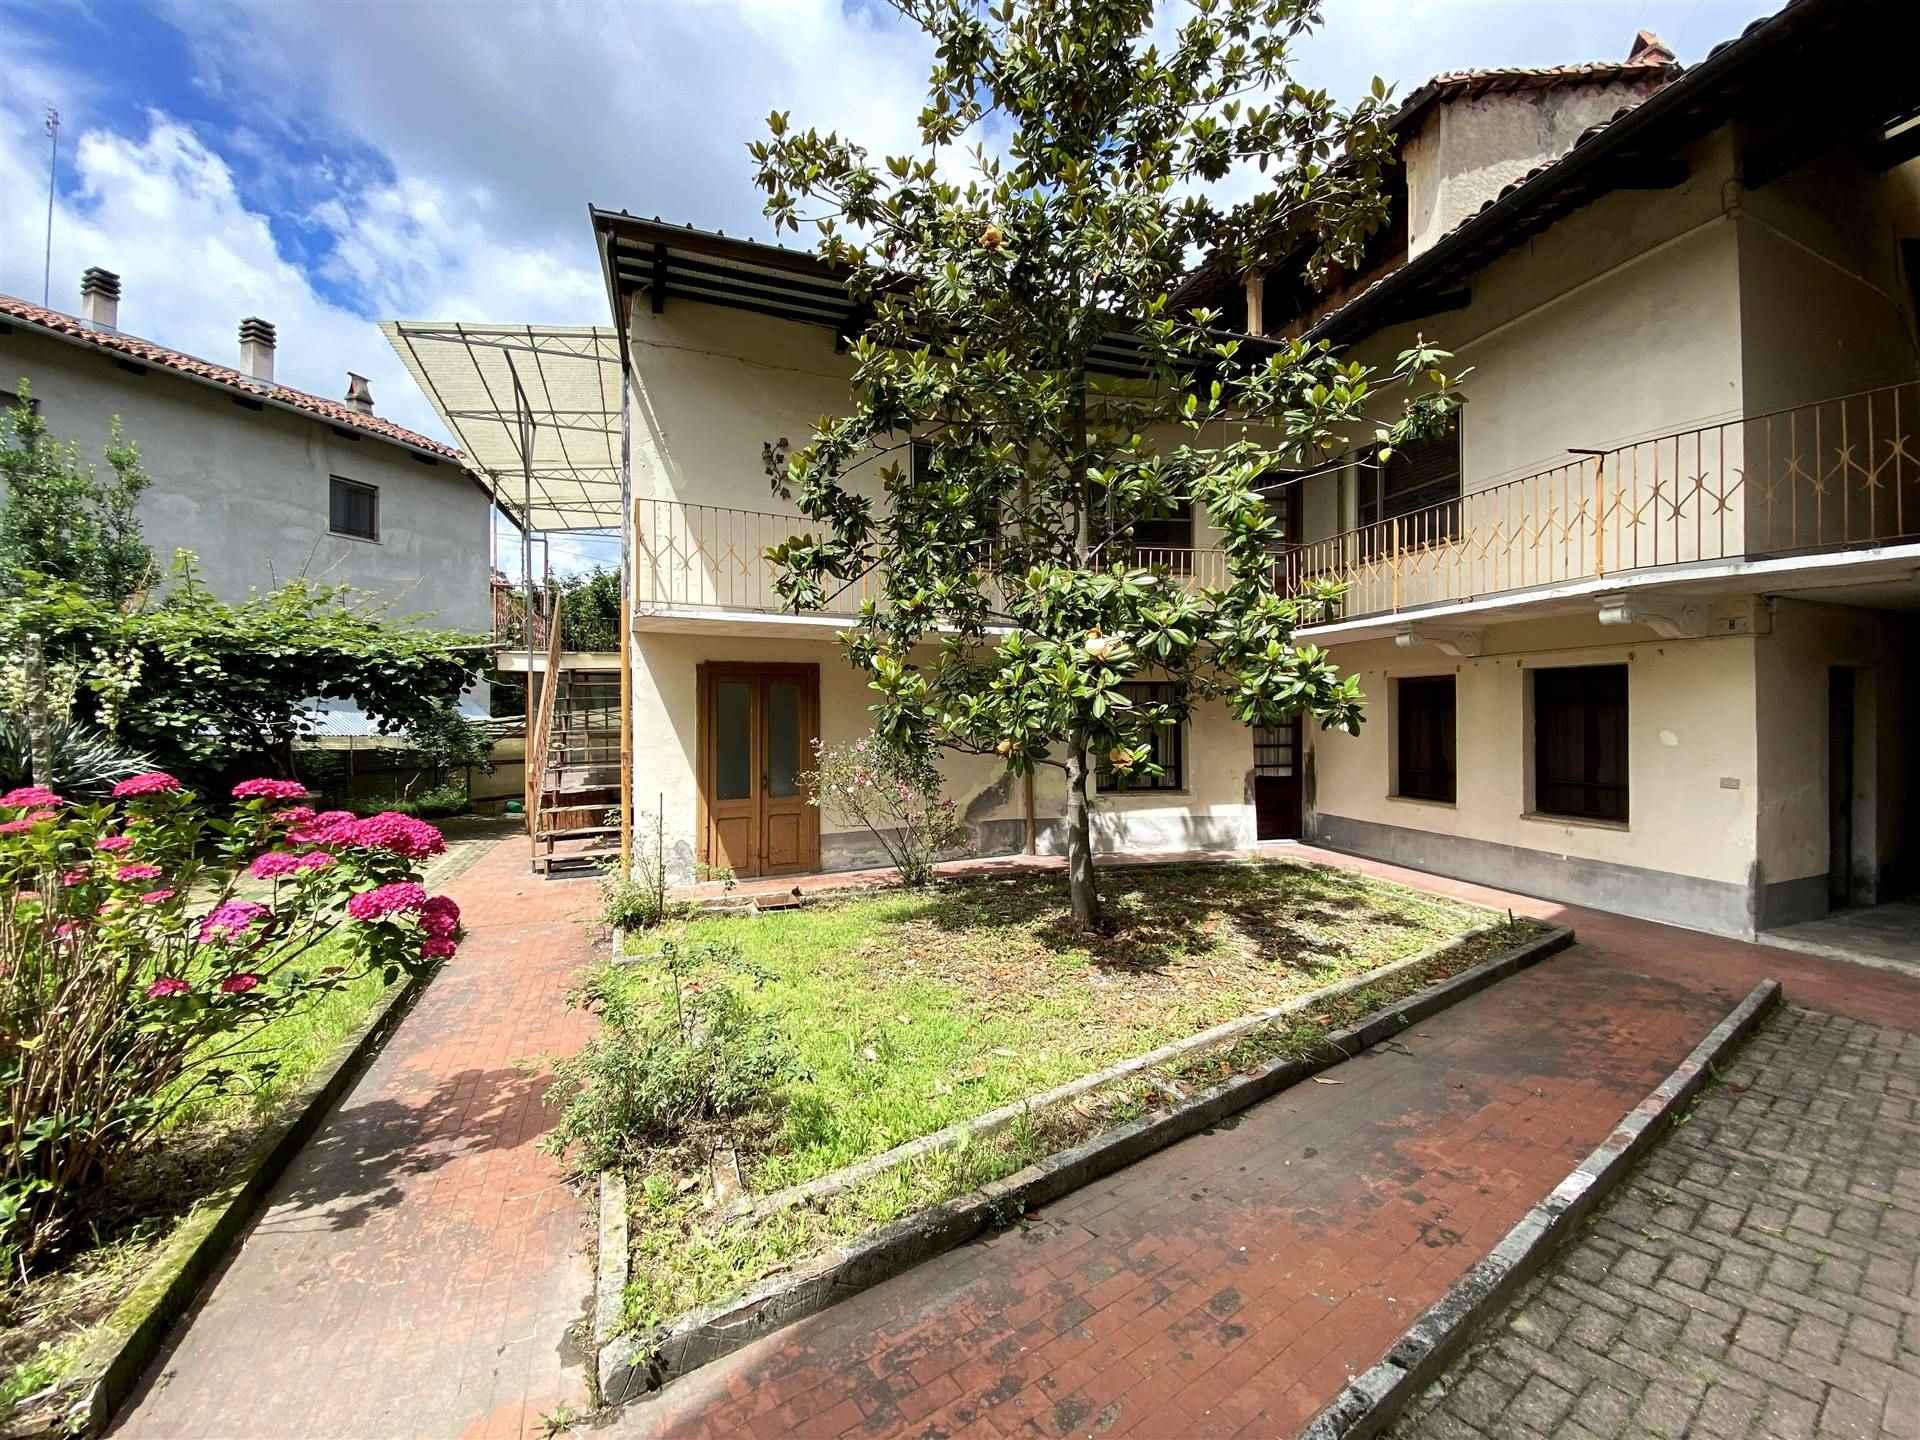 Soluzione Semindipendente in vendita a Chiaverano, 6 locali, prezzo € 67.000 | CambioCasa.it